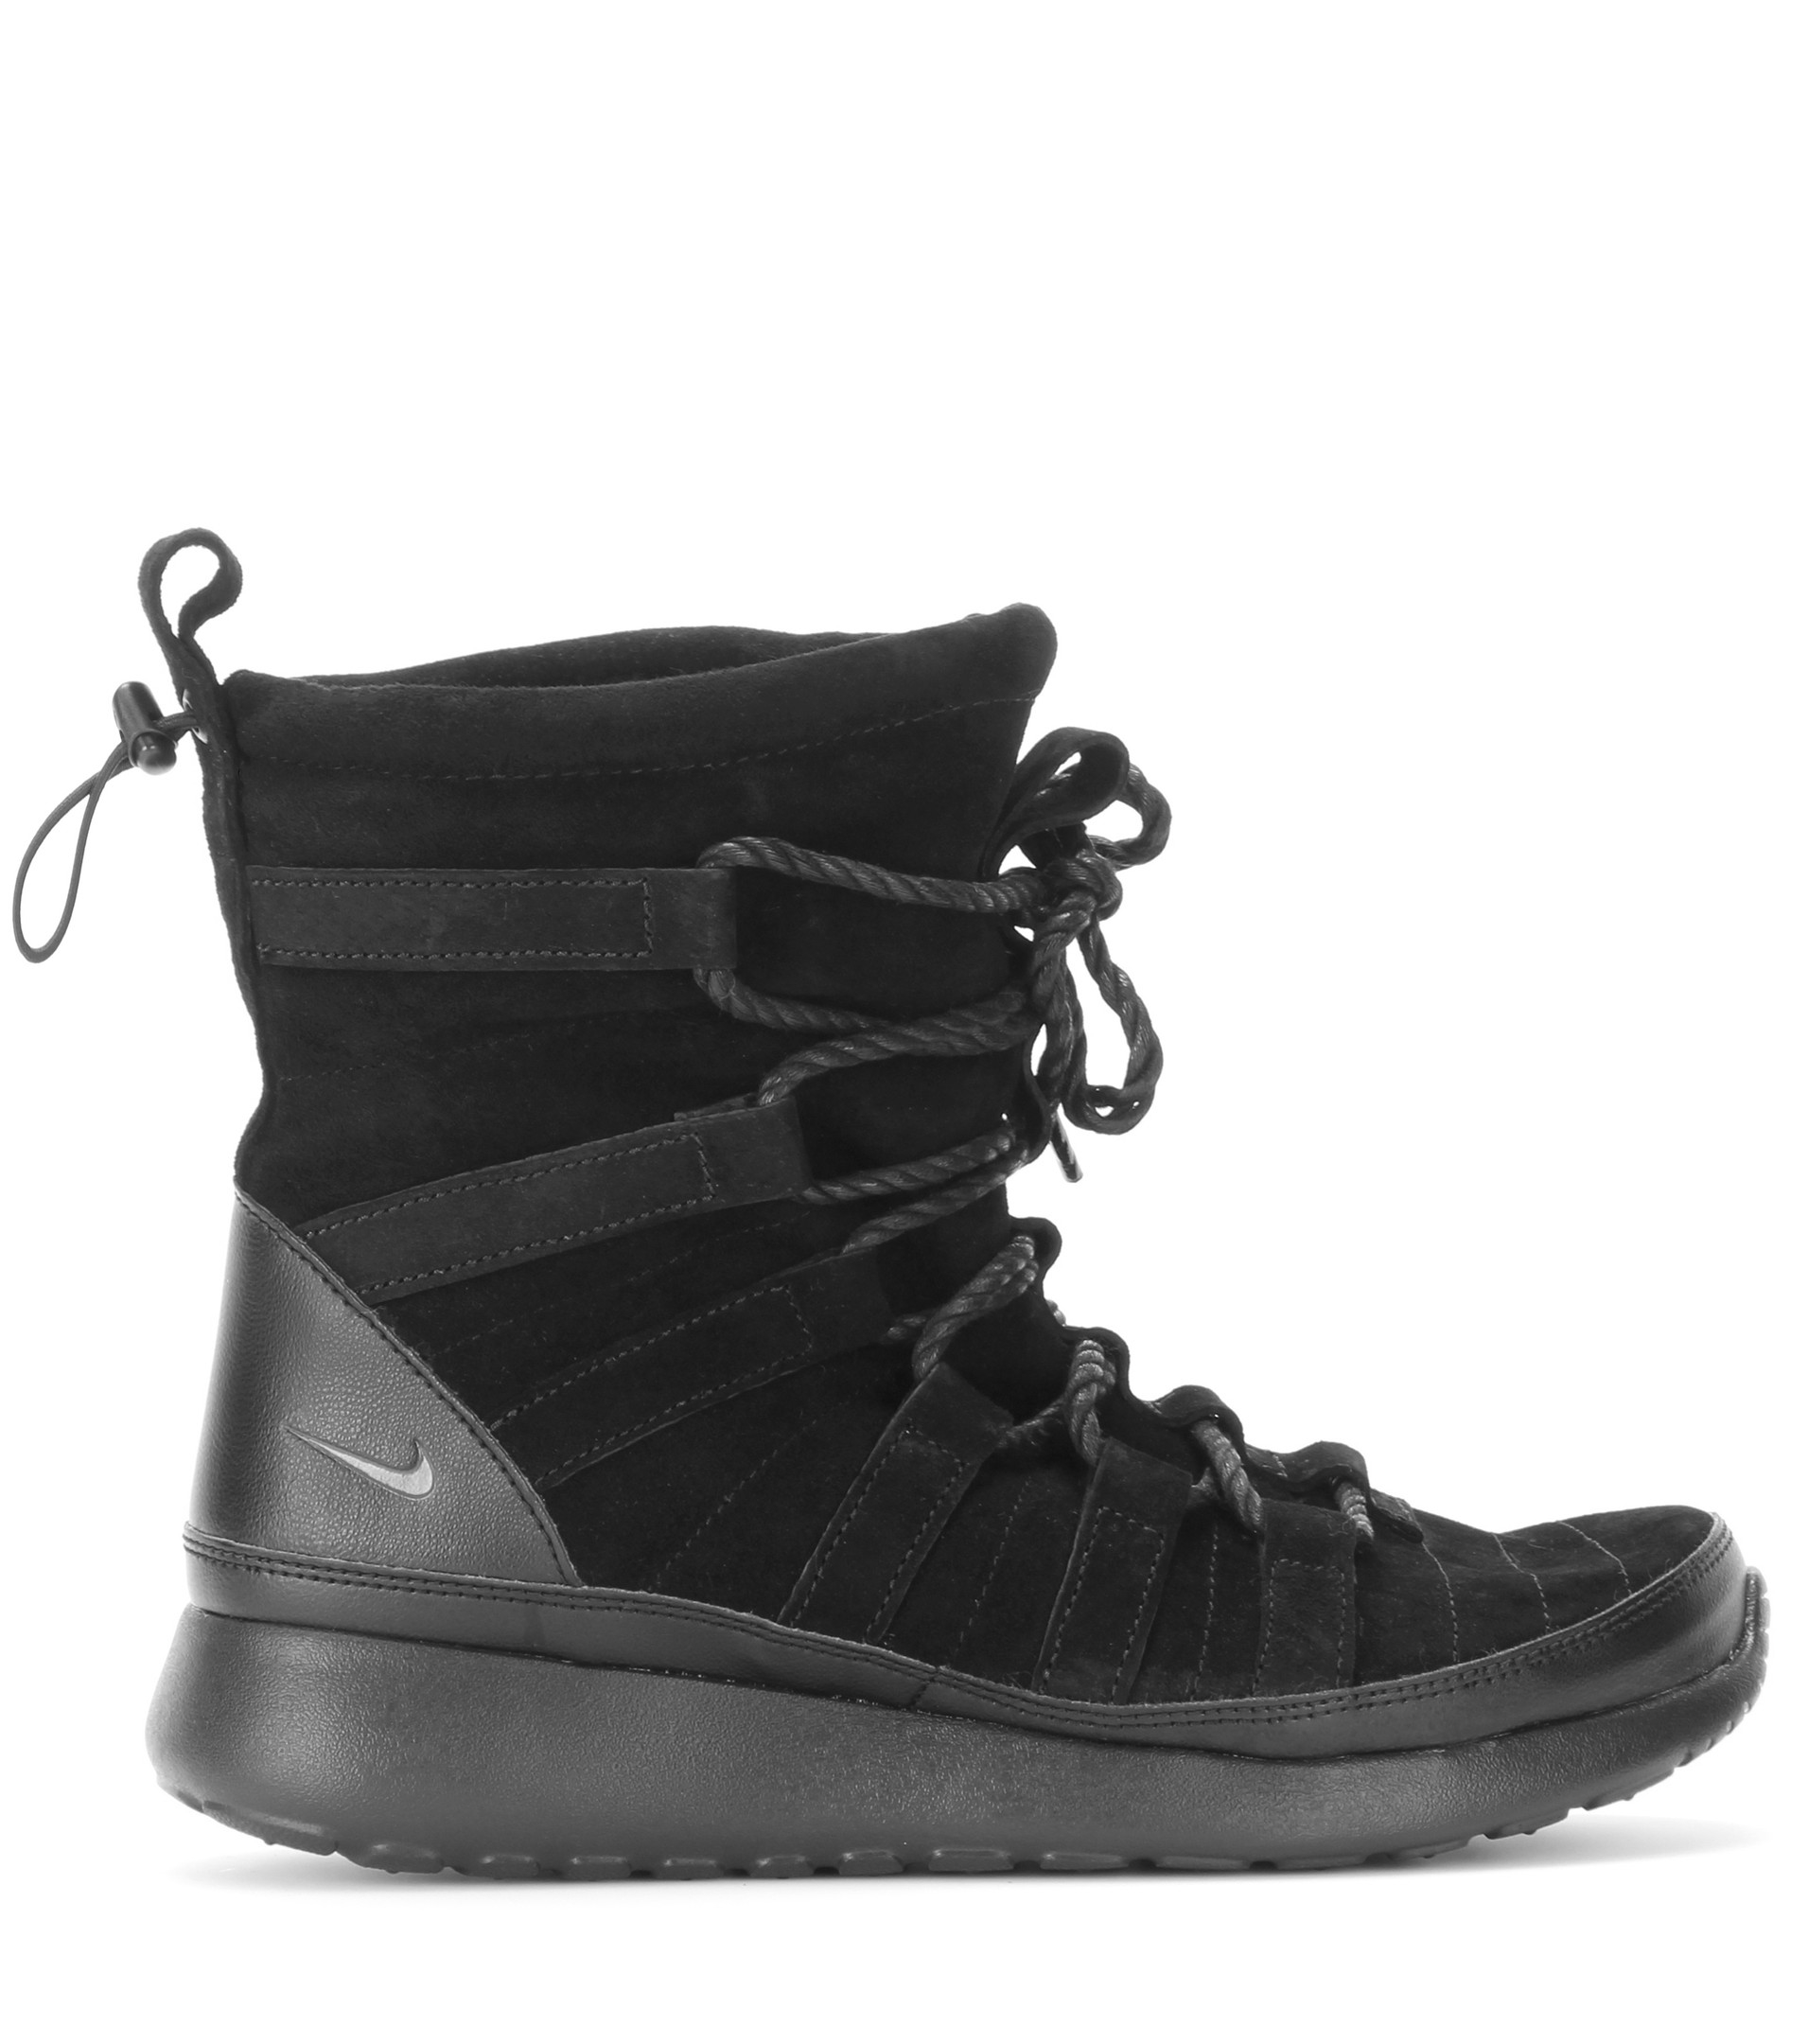 Lyst - Nike Roshe One Suede High-Top Sneakers In Black-5802